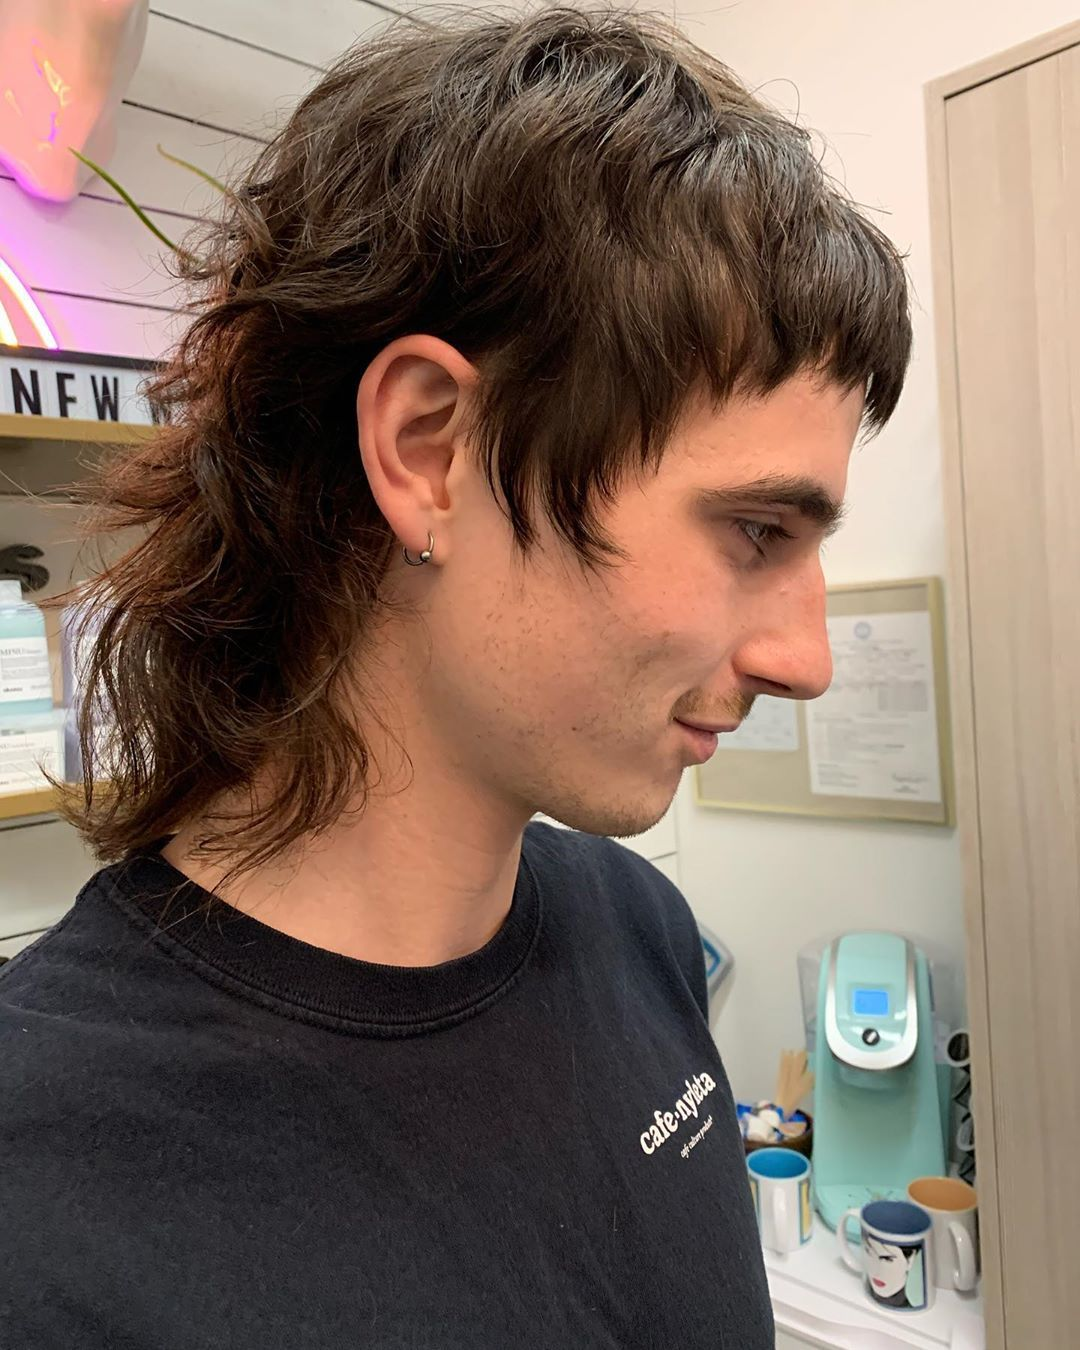 Homme aux cheveux bruns avec un long mulet bouclé